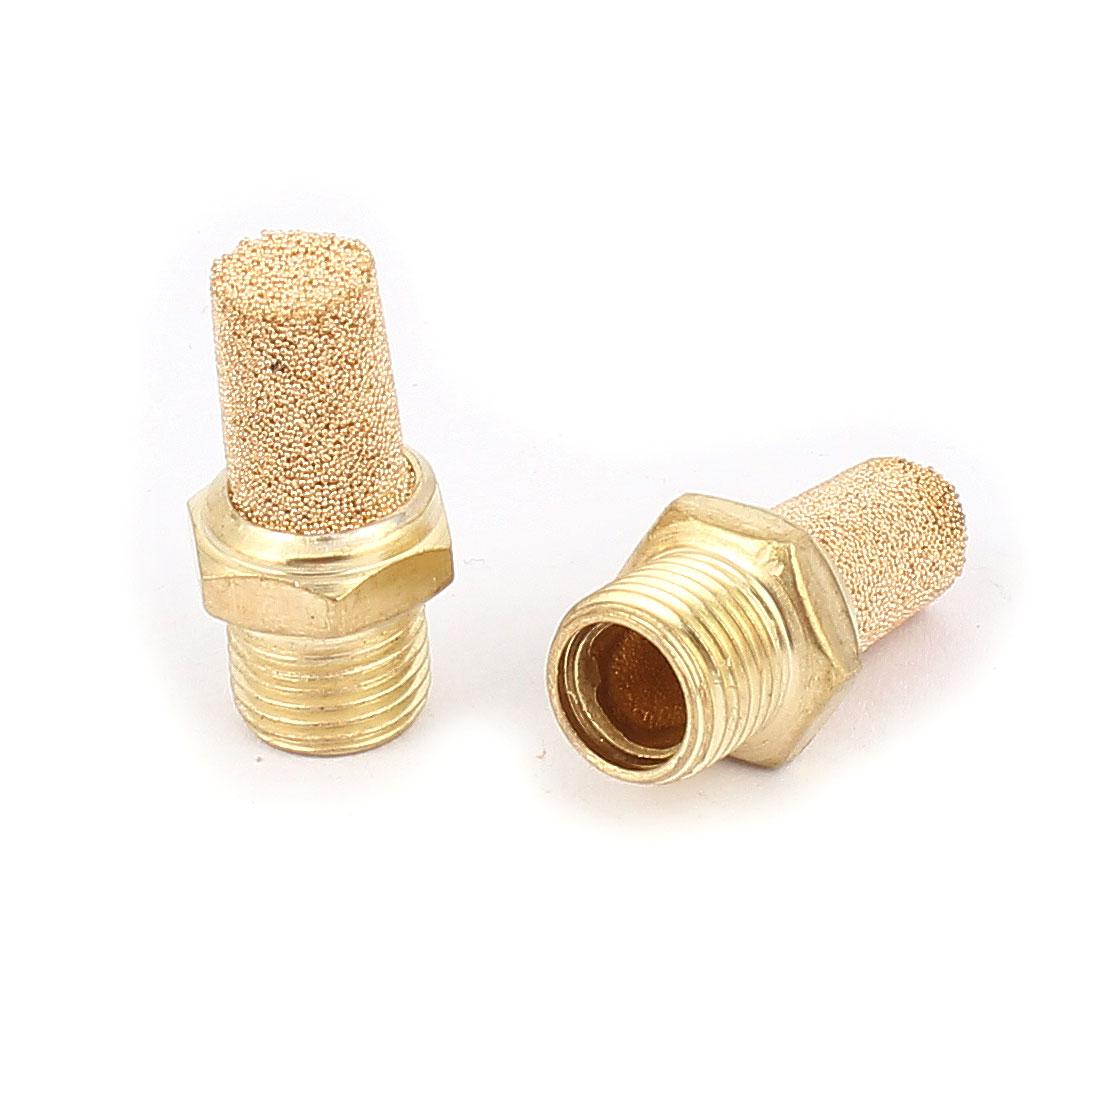 1/8PT Male Thread Noise Reducing Pneumatic Muffler Silencer Filter Exhaust Brass 2 Pcs